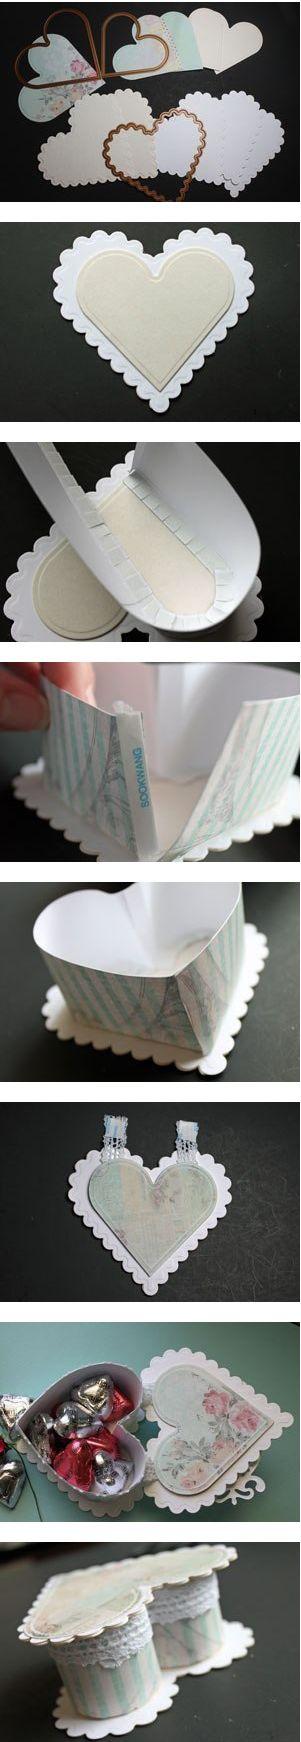 Como hacer una caja para chocolates con forma de corazon - Regalos para hacer manualidades ...